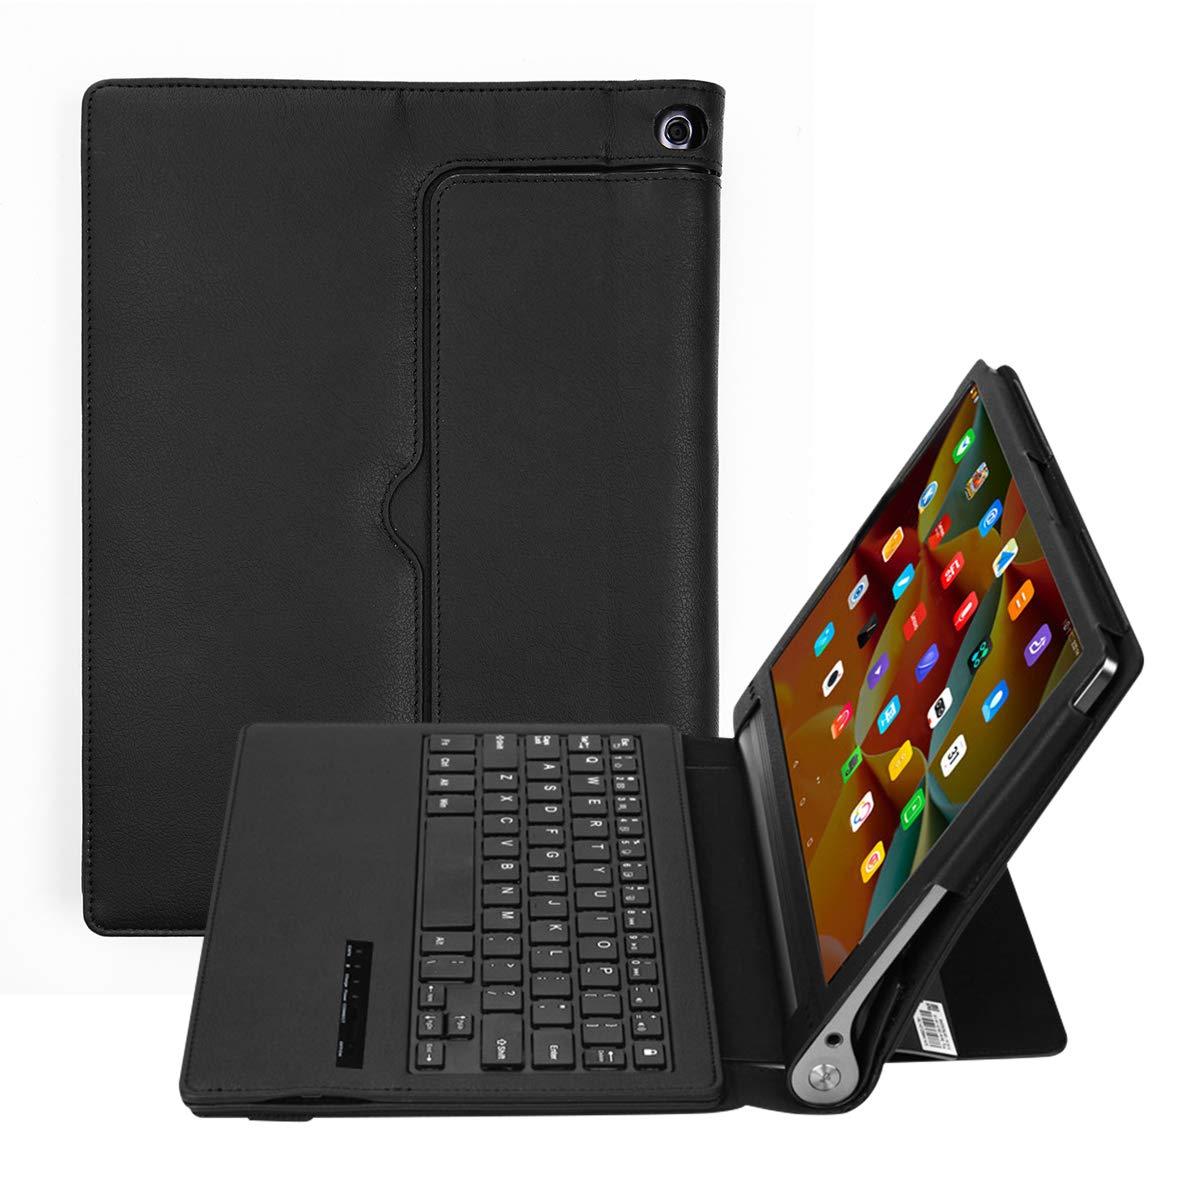 最新な AICEDA Tab3 Lenovo Yoga Tab3 10.1 Pro 10.1 X90F Pro キーボードケース ラグジュアリー PUレザー ウォレット フリップ 保護 フォールリングケースカバー カードスロットとスタンド付き Lenovo Yoga Tab3 Pro 10.1 X90Fキーボードに対応 B07JZ8WN86, 能代市:ff96ec81 --- domaska.lt